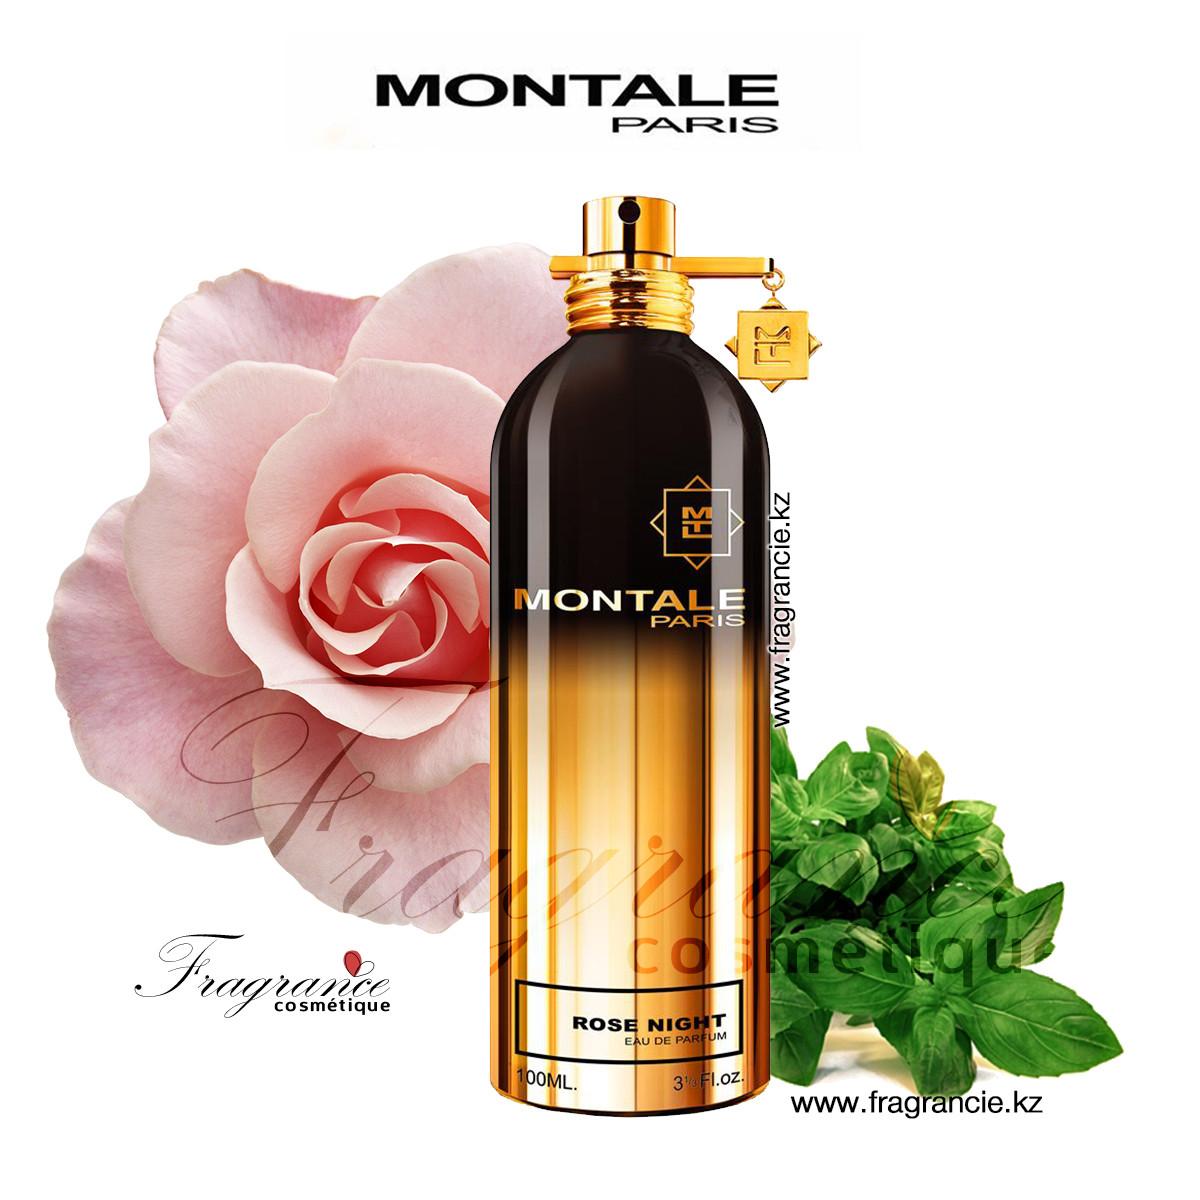 Парфюм Montale Rose Night 100ml (Оригинал-Франция)